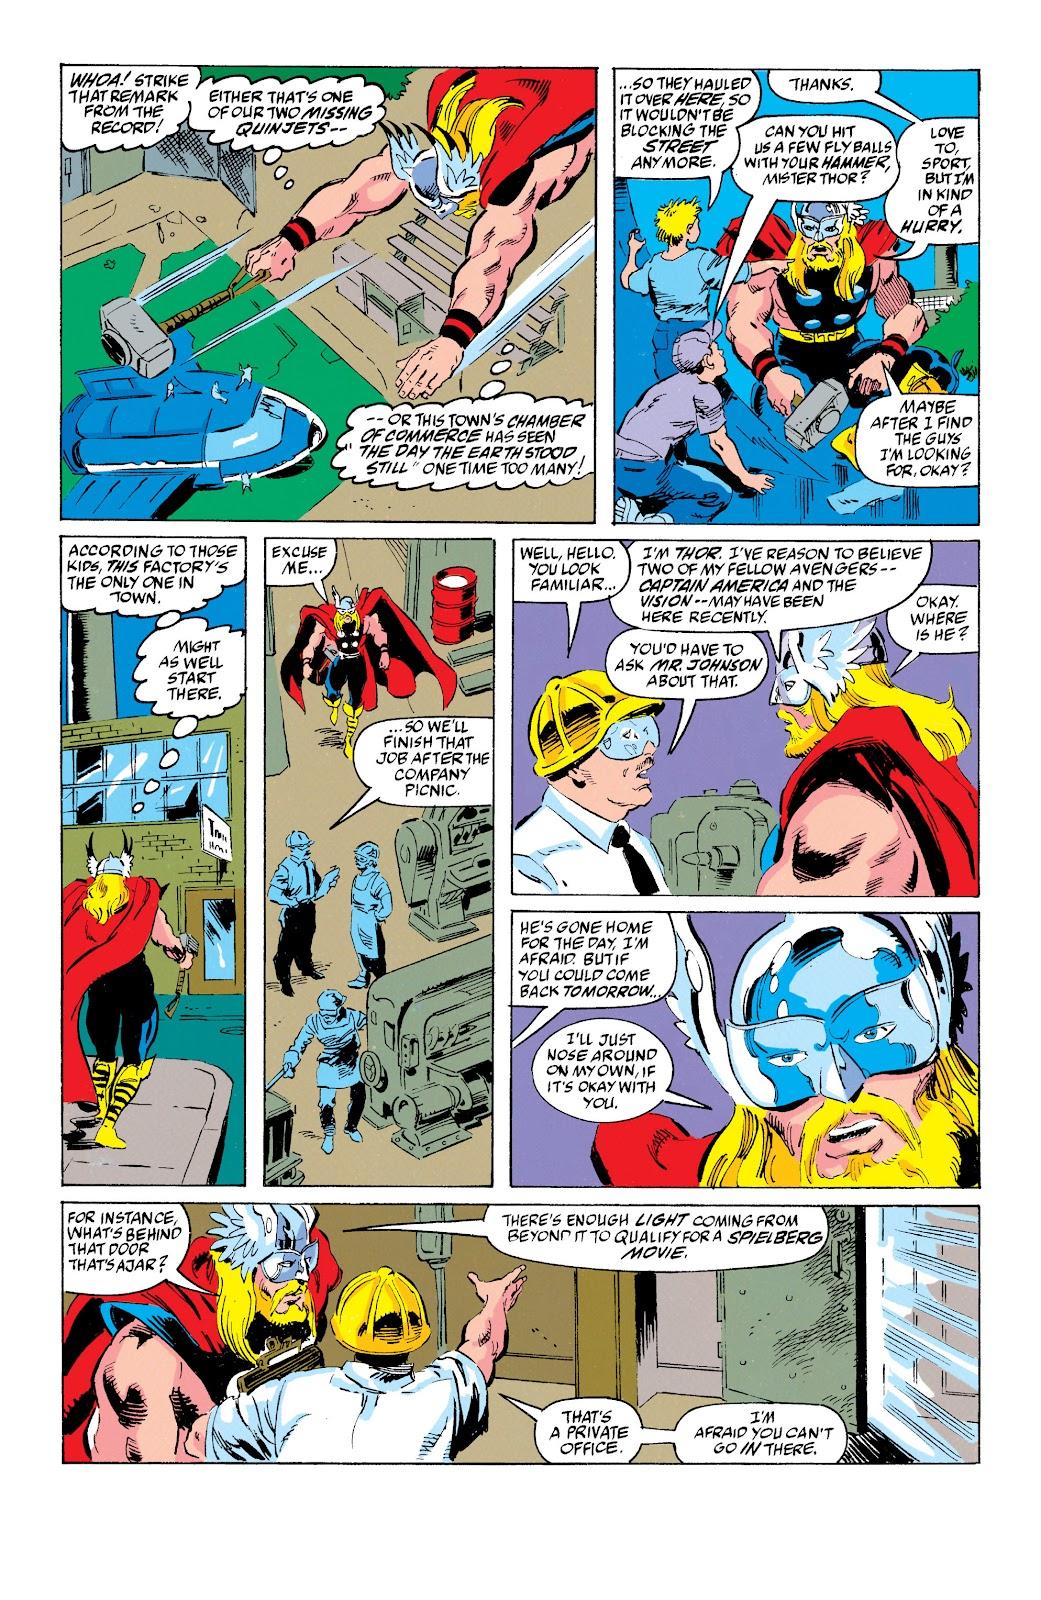 Read online Avengers: Citizen Kang comic -  Issue # TPB (Part 1) - 64